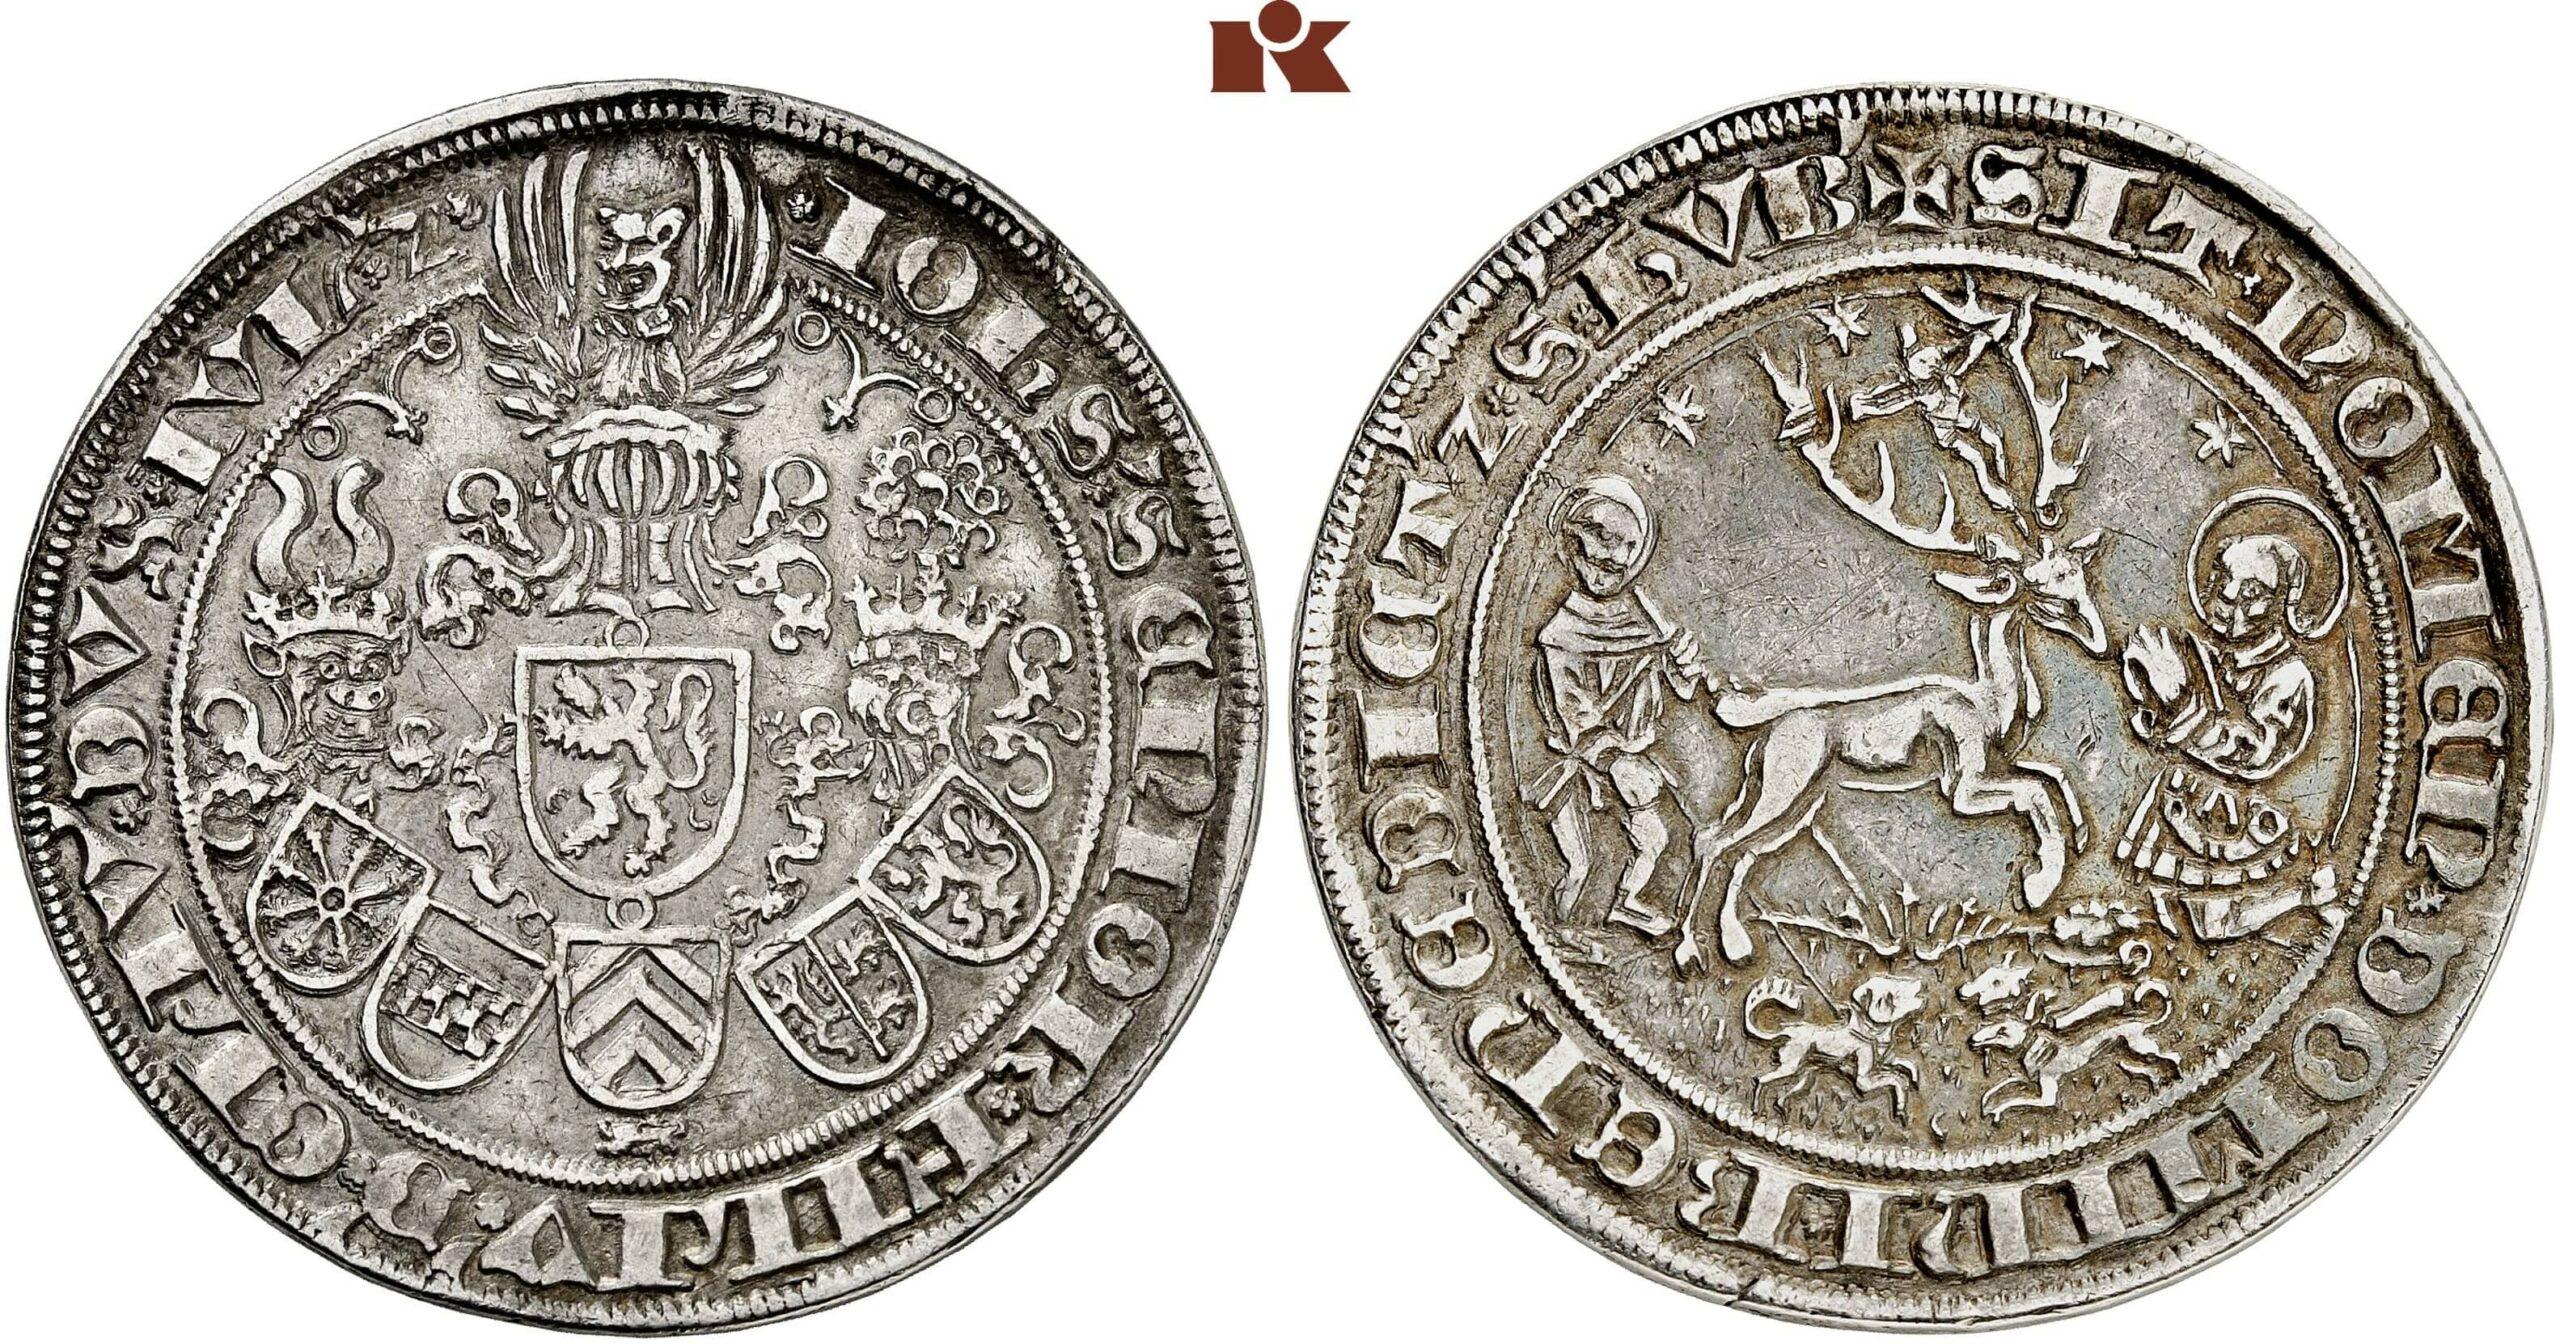 HRR 1 Guldengroschen 1511